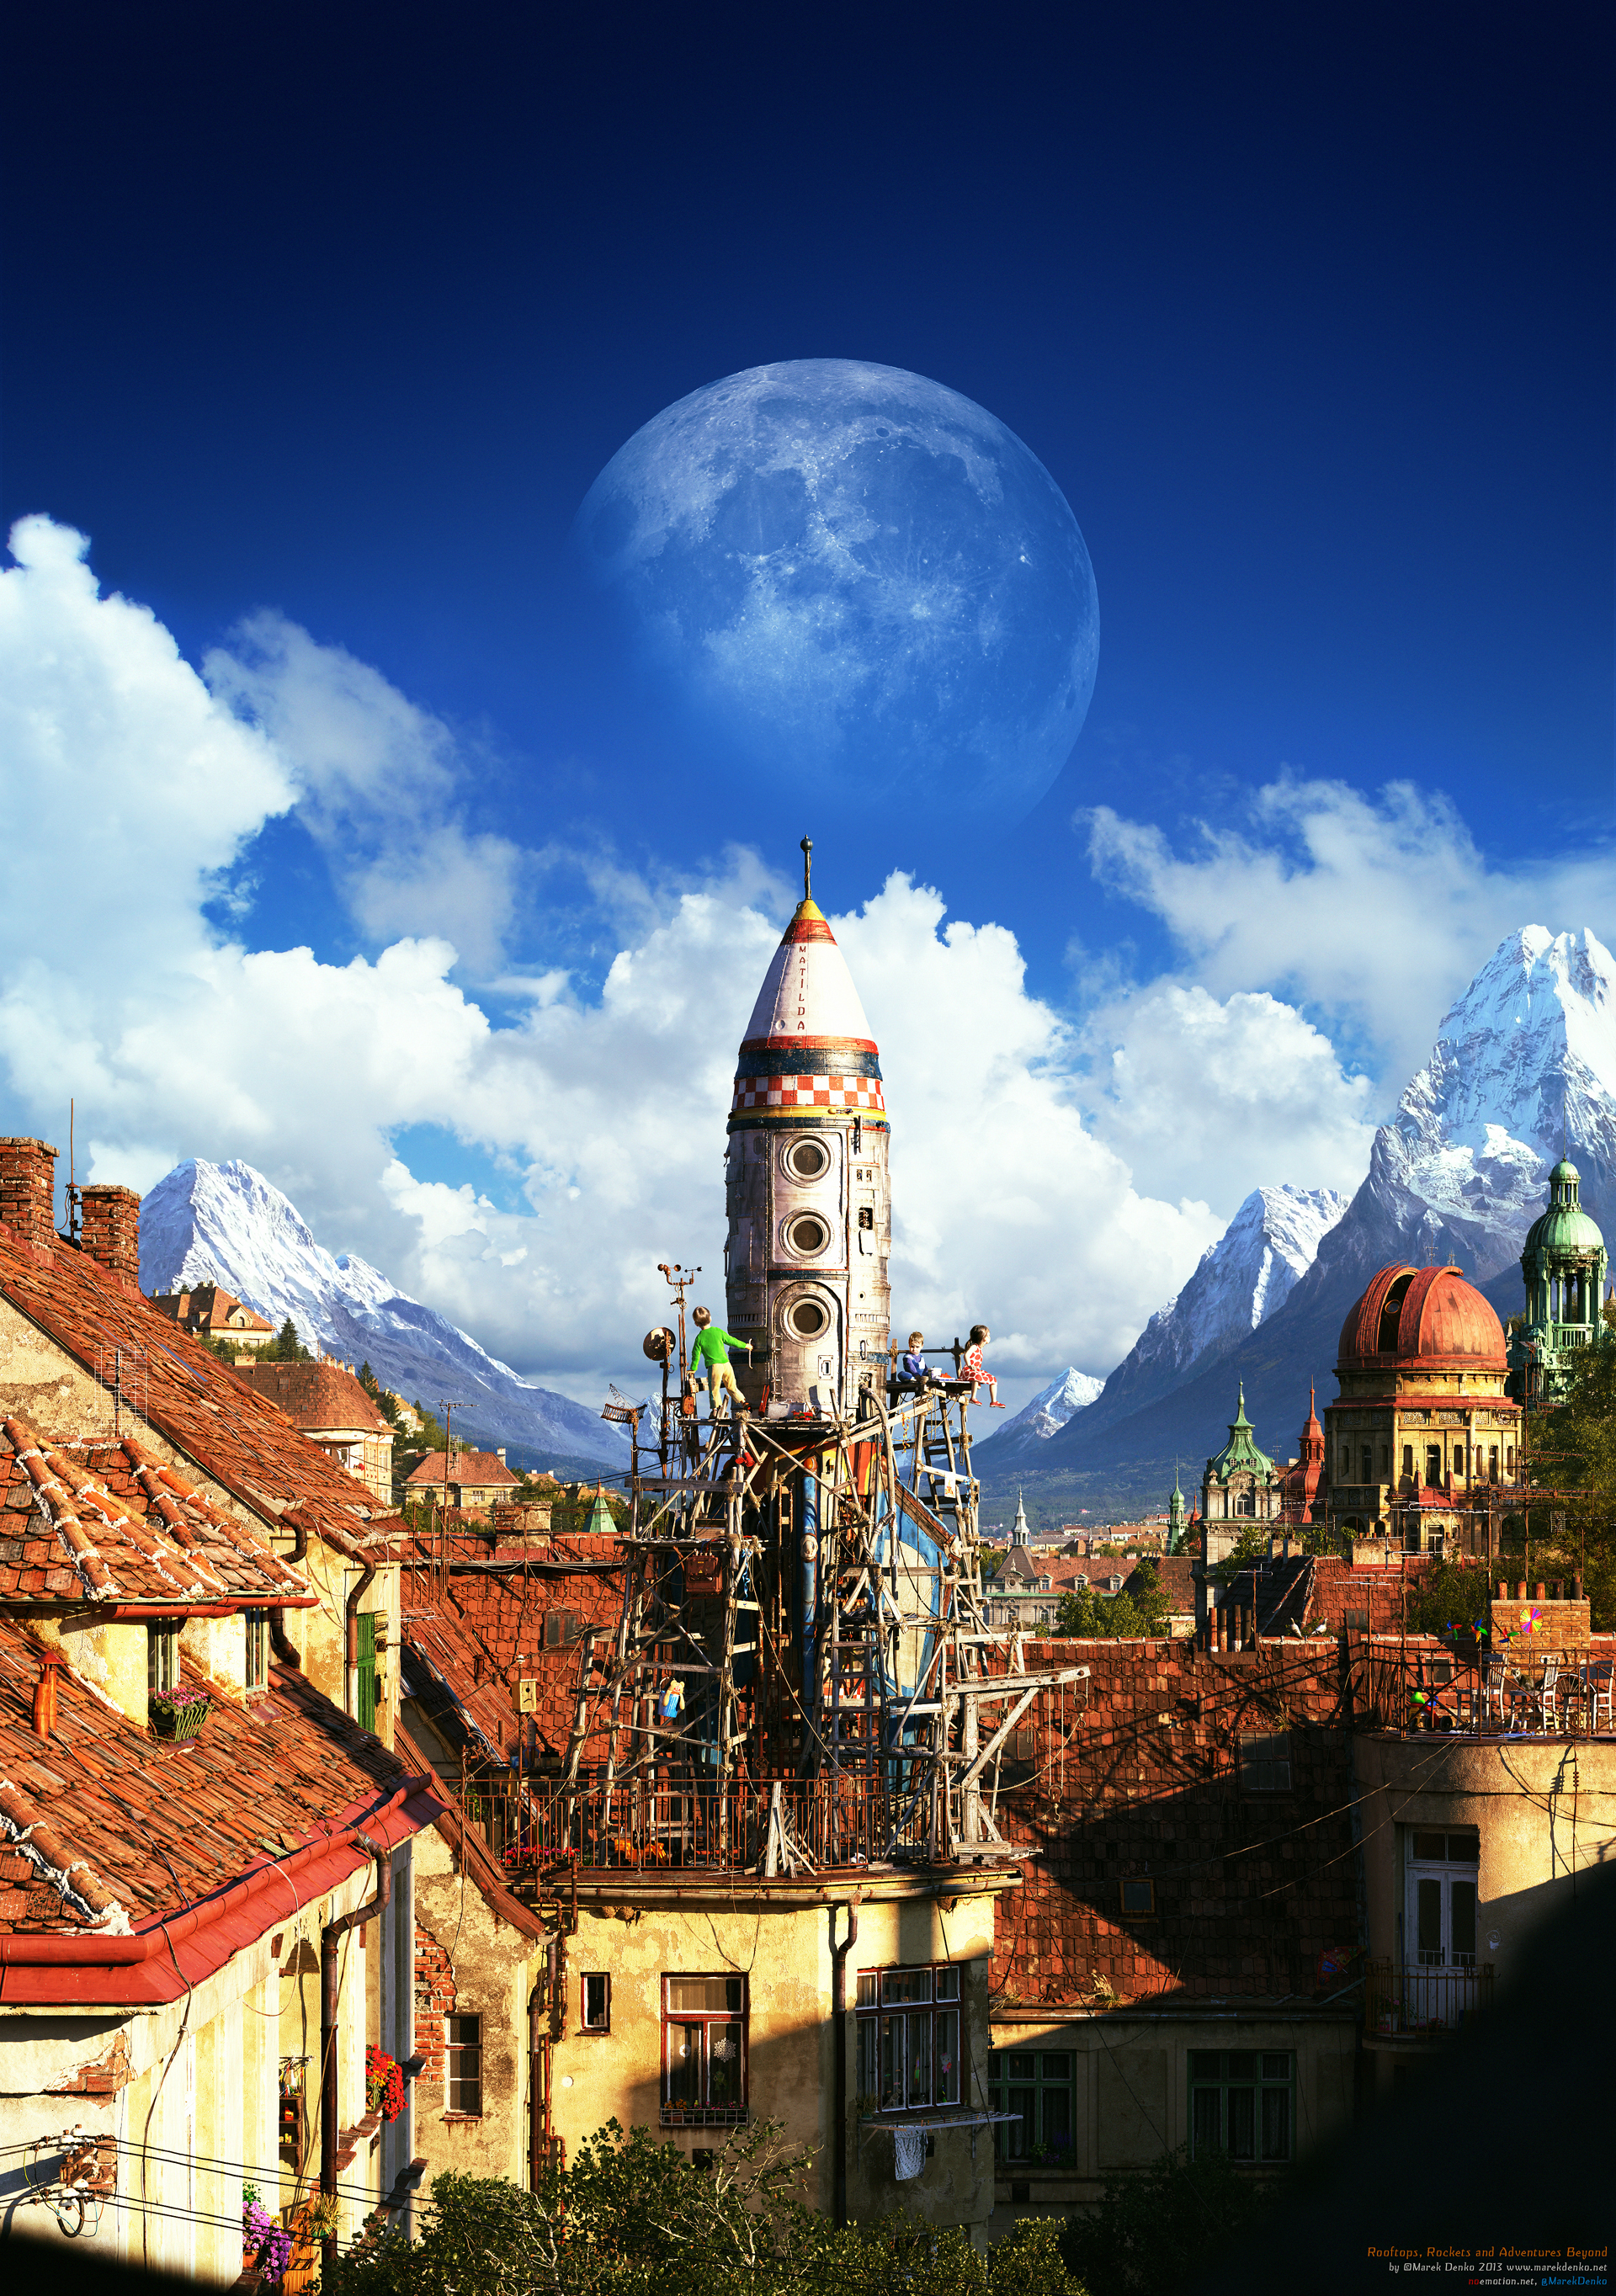 Marek Denko - Rooftops, Rockets and Adventures Beyond